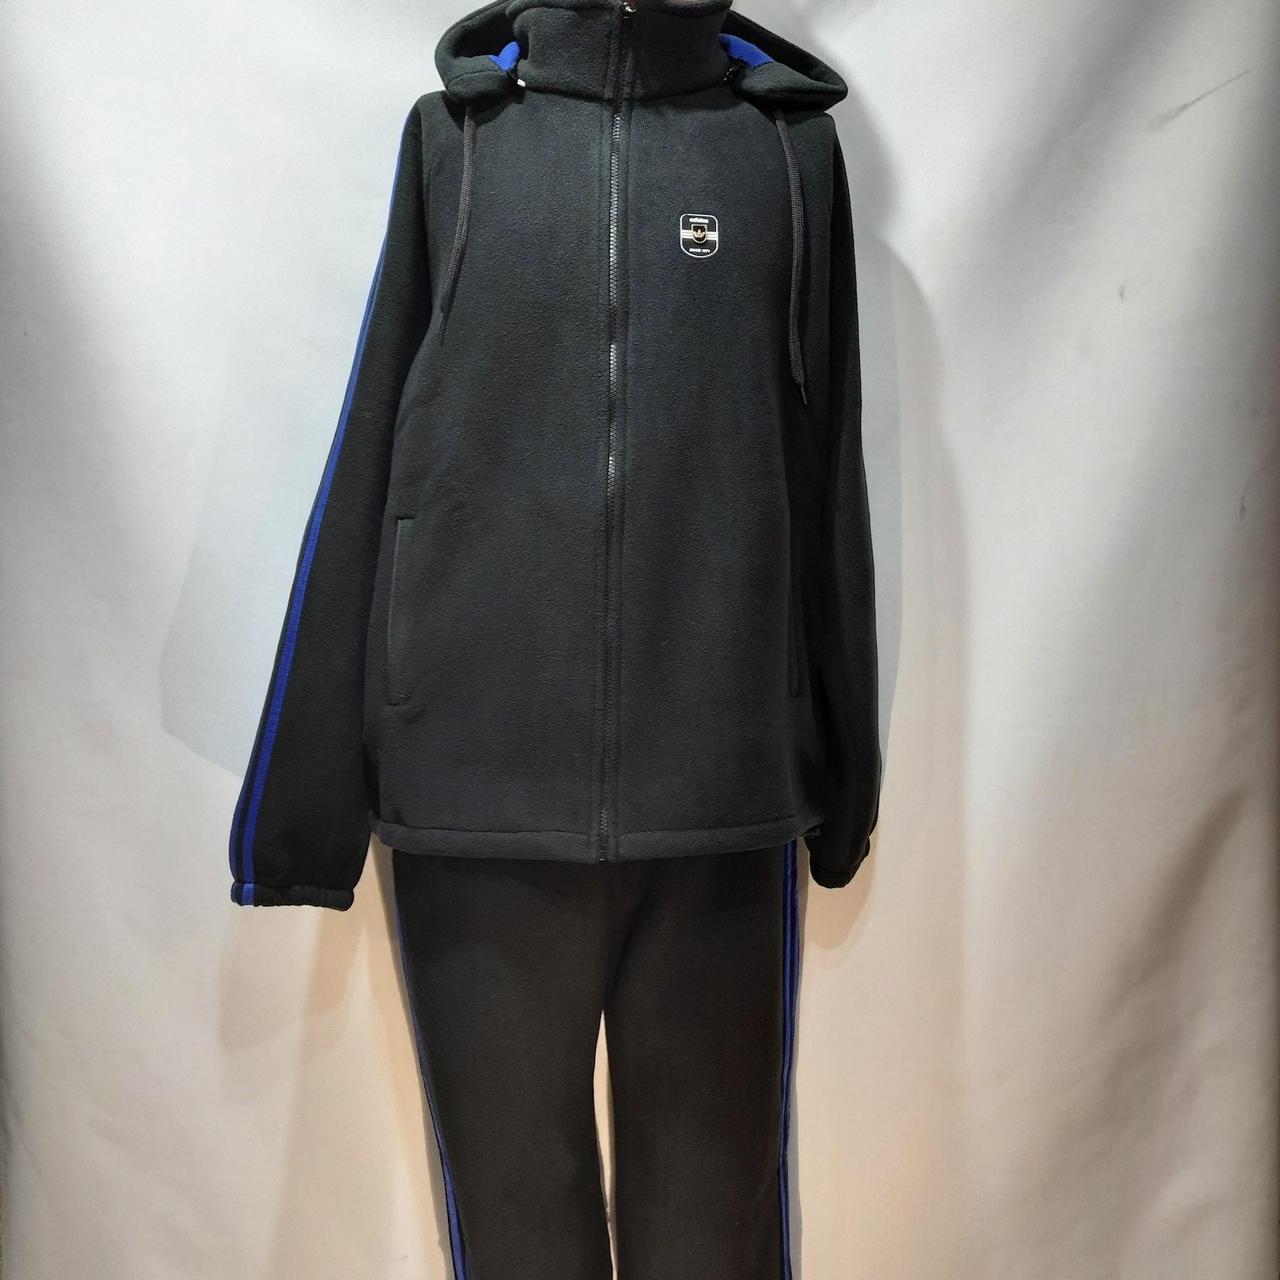 Спортивный костюм (Больших размеров) теплый на флисе с капюшоном